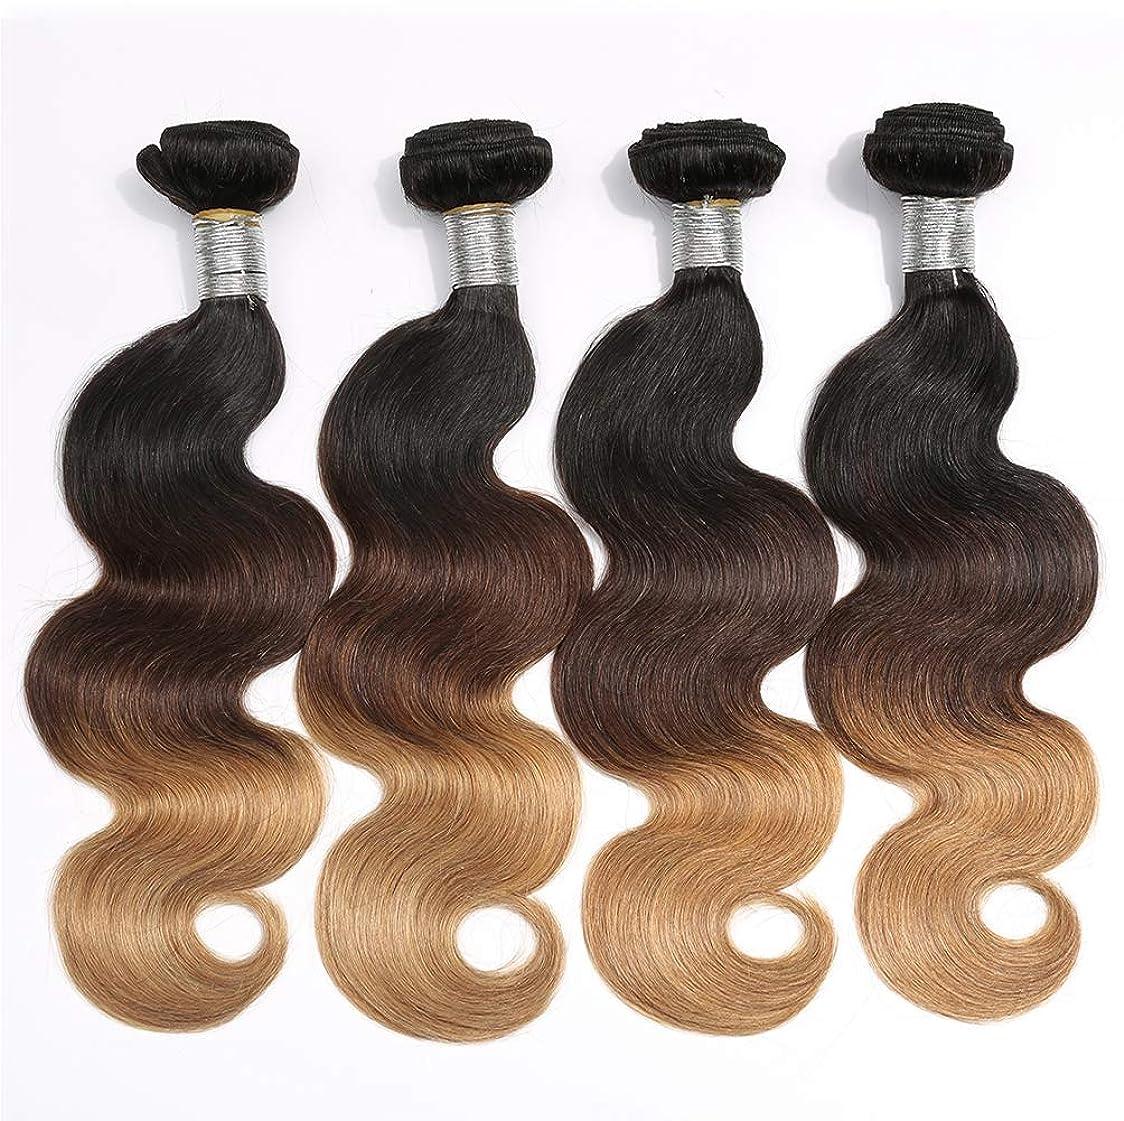 ボランティア飛び込むメタリック女性150%密度ブラジル髪の束実体波1バンドル髪の束実体波人間の髪の毛のグラデーション